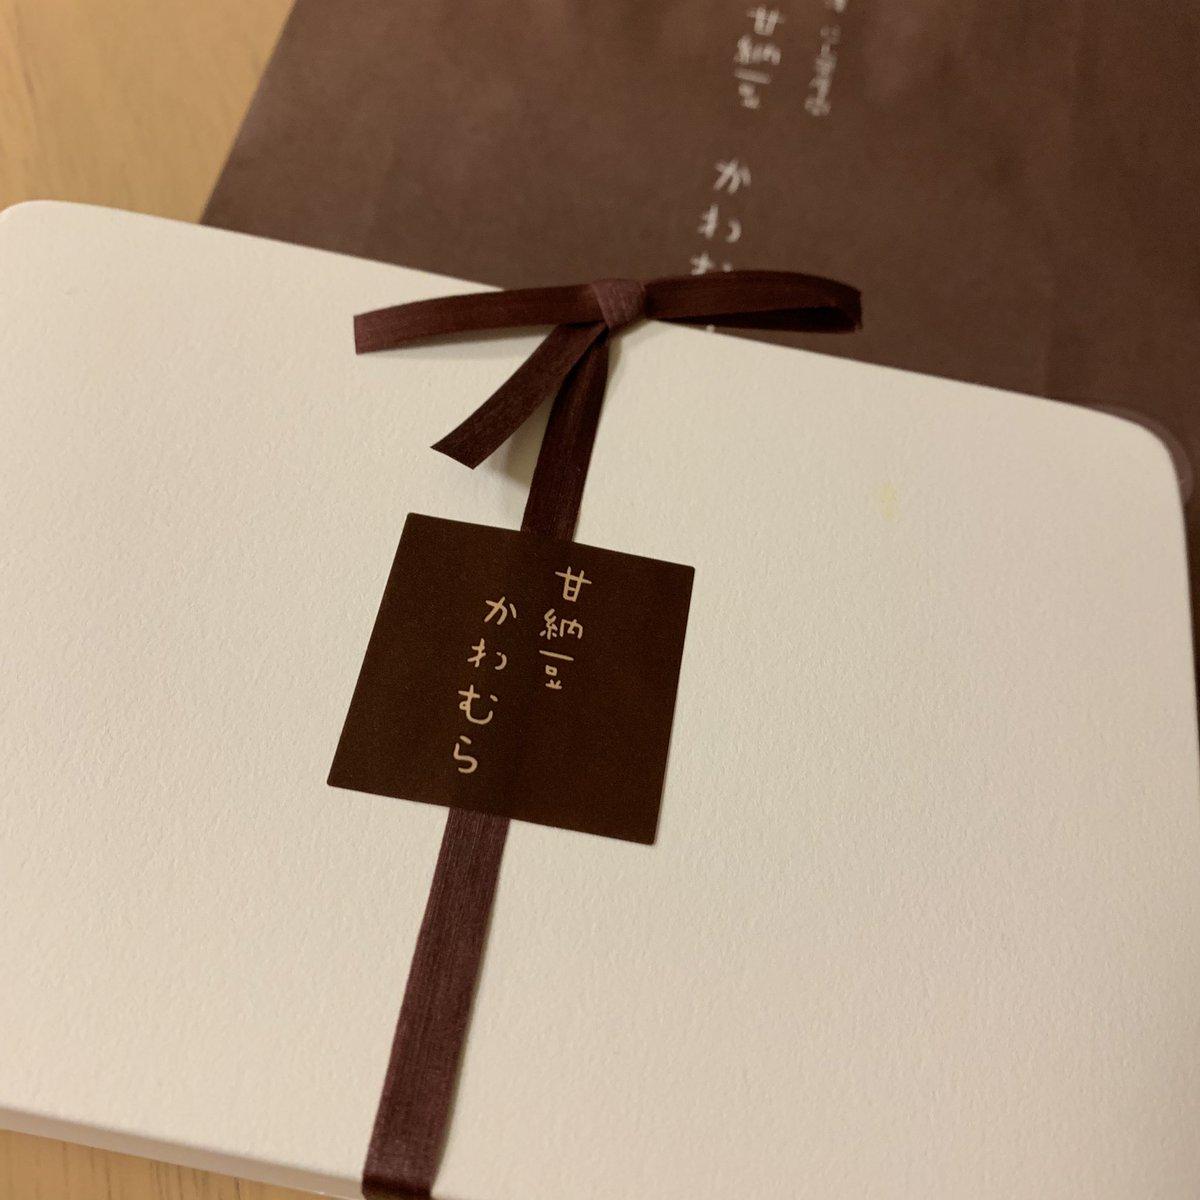 test ツイッターメディア - 友人からまた金沢のお菓子頂いた⭐️ 甘納豆かわむら さん おいしそう😋嬉しい✨ https://t.co/DY4CxP9VUI